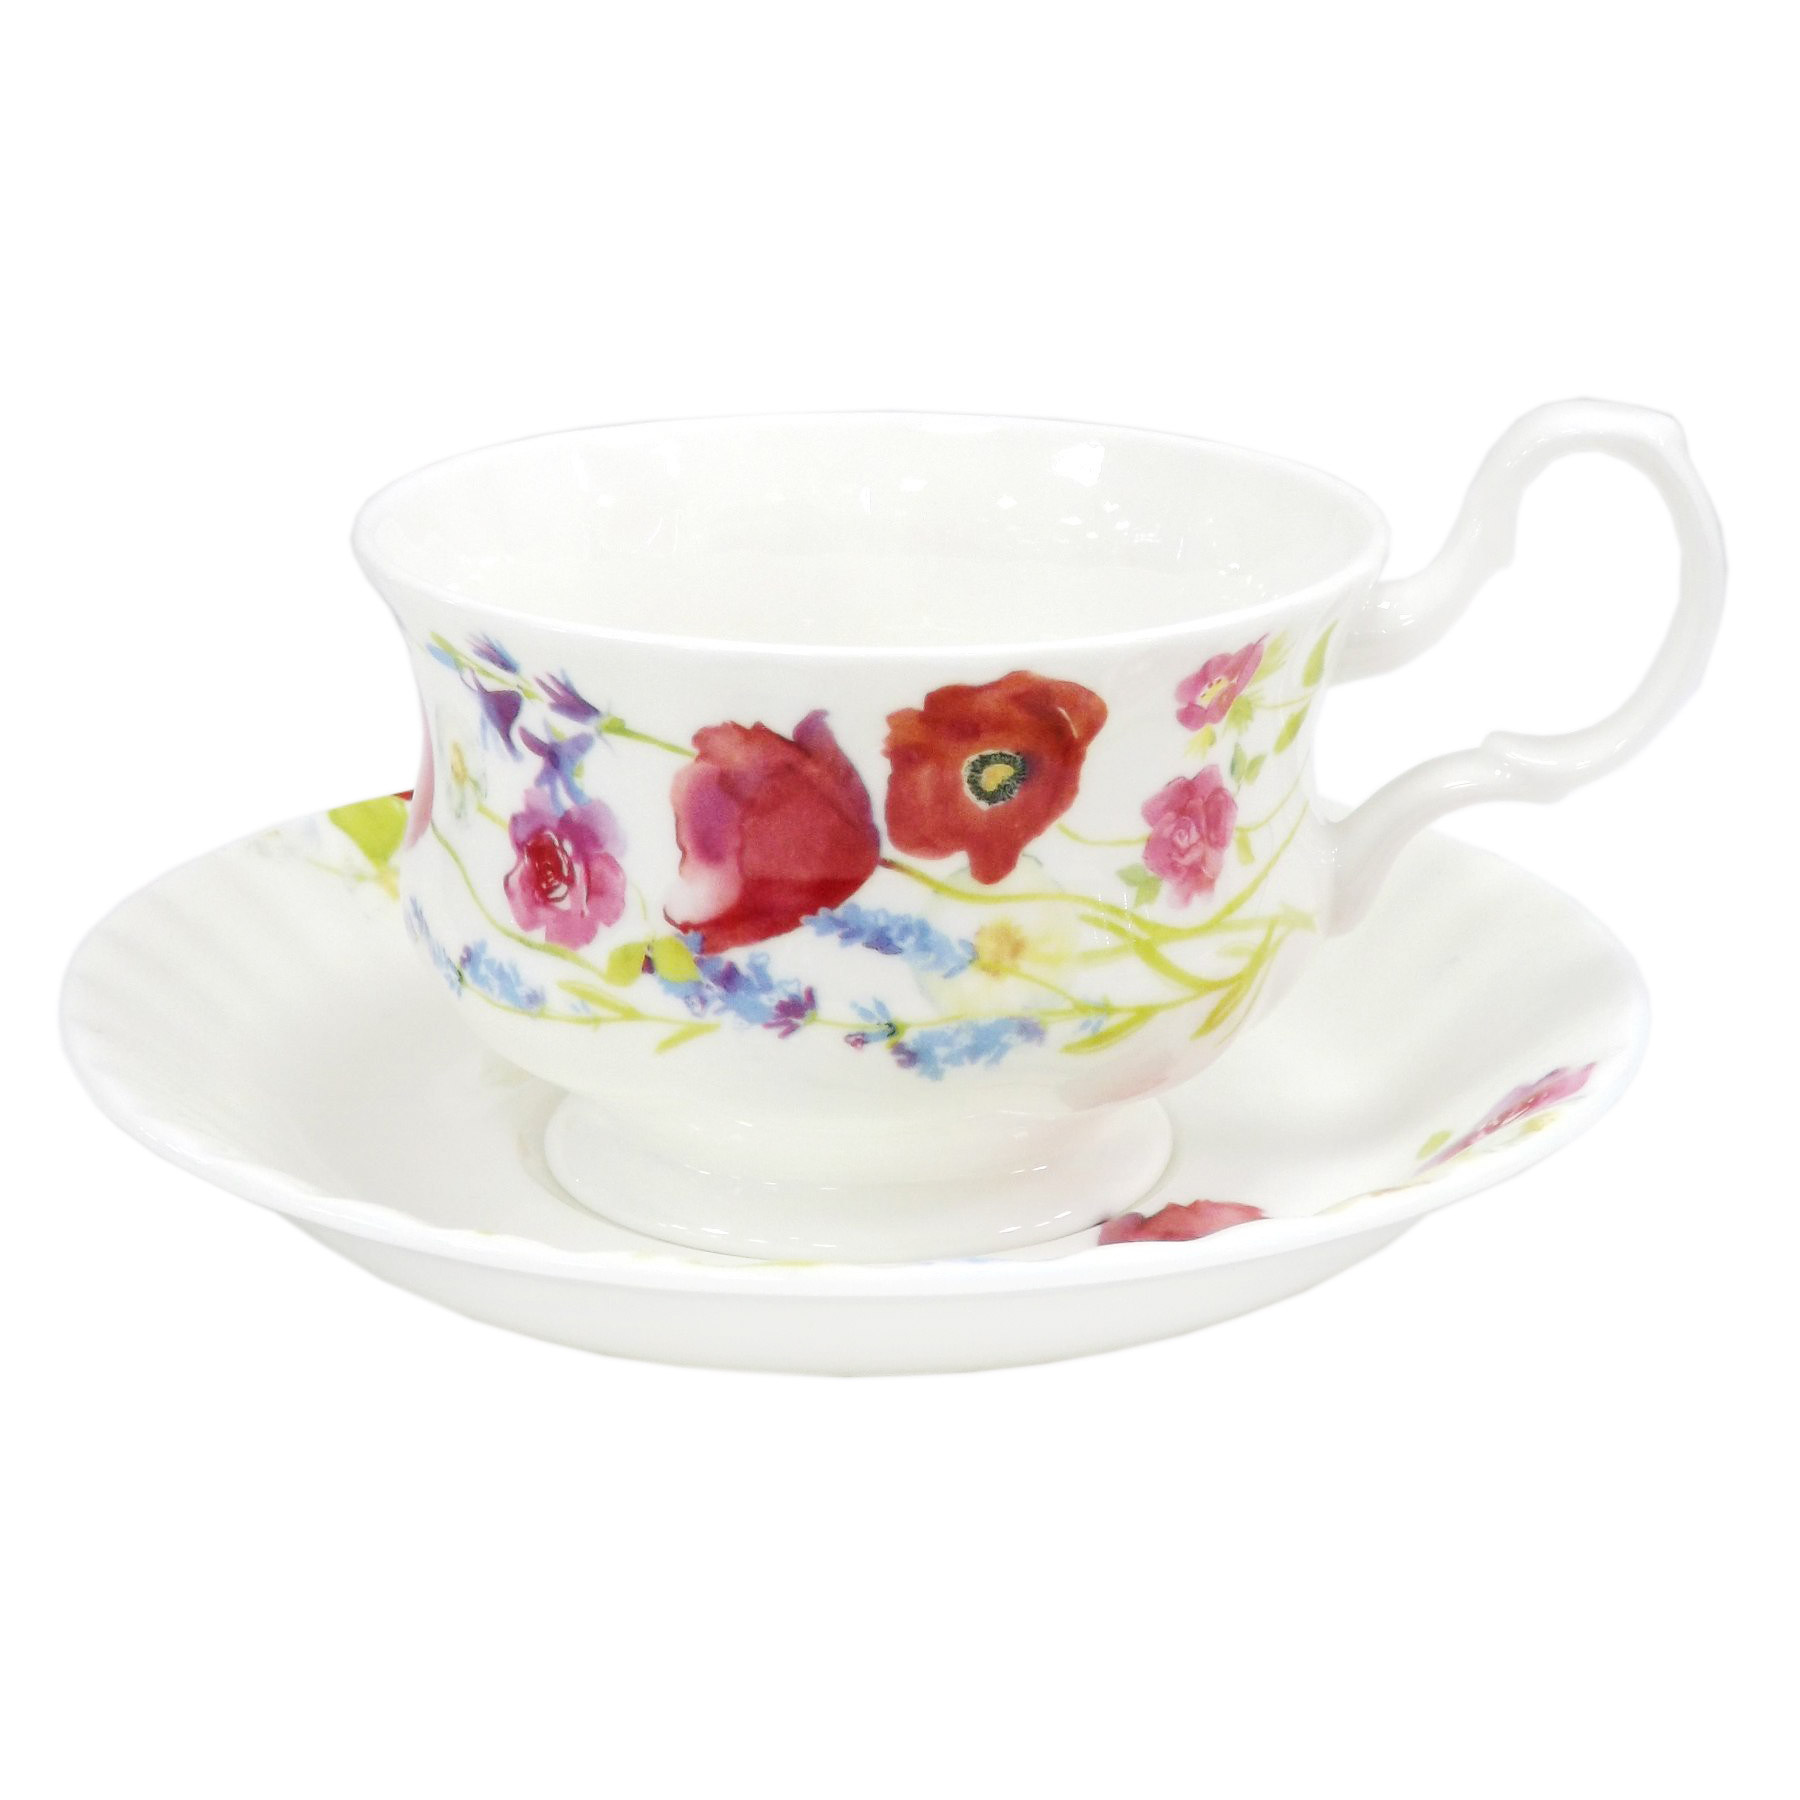 Фото - Пара чайная Top art studio луговые маки акварелью LD2231-TA чайная пара top art studio королева эстева роз 300 мл